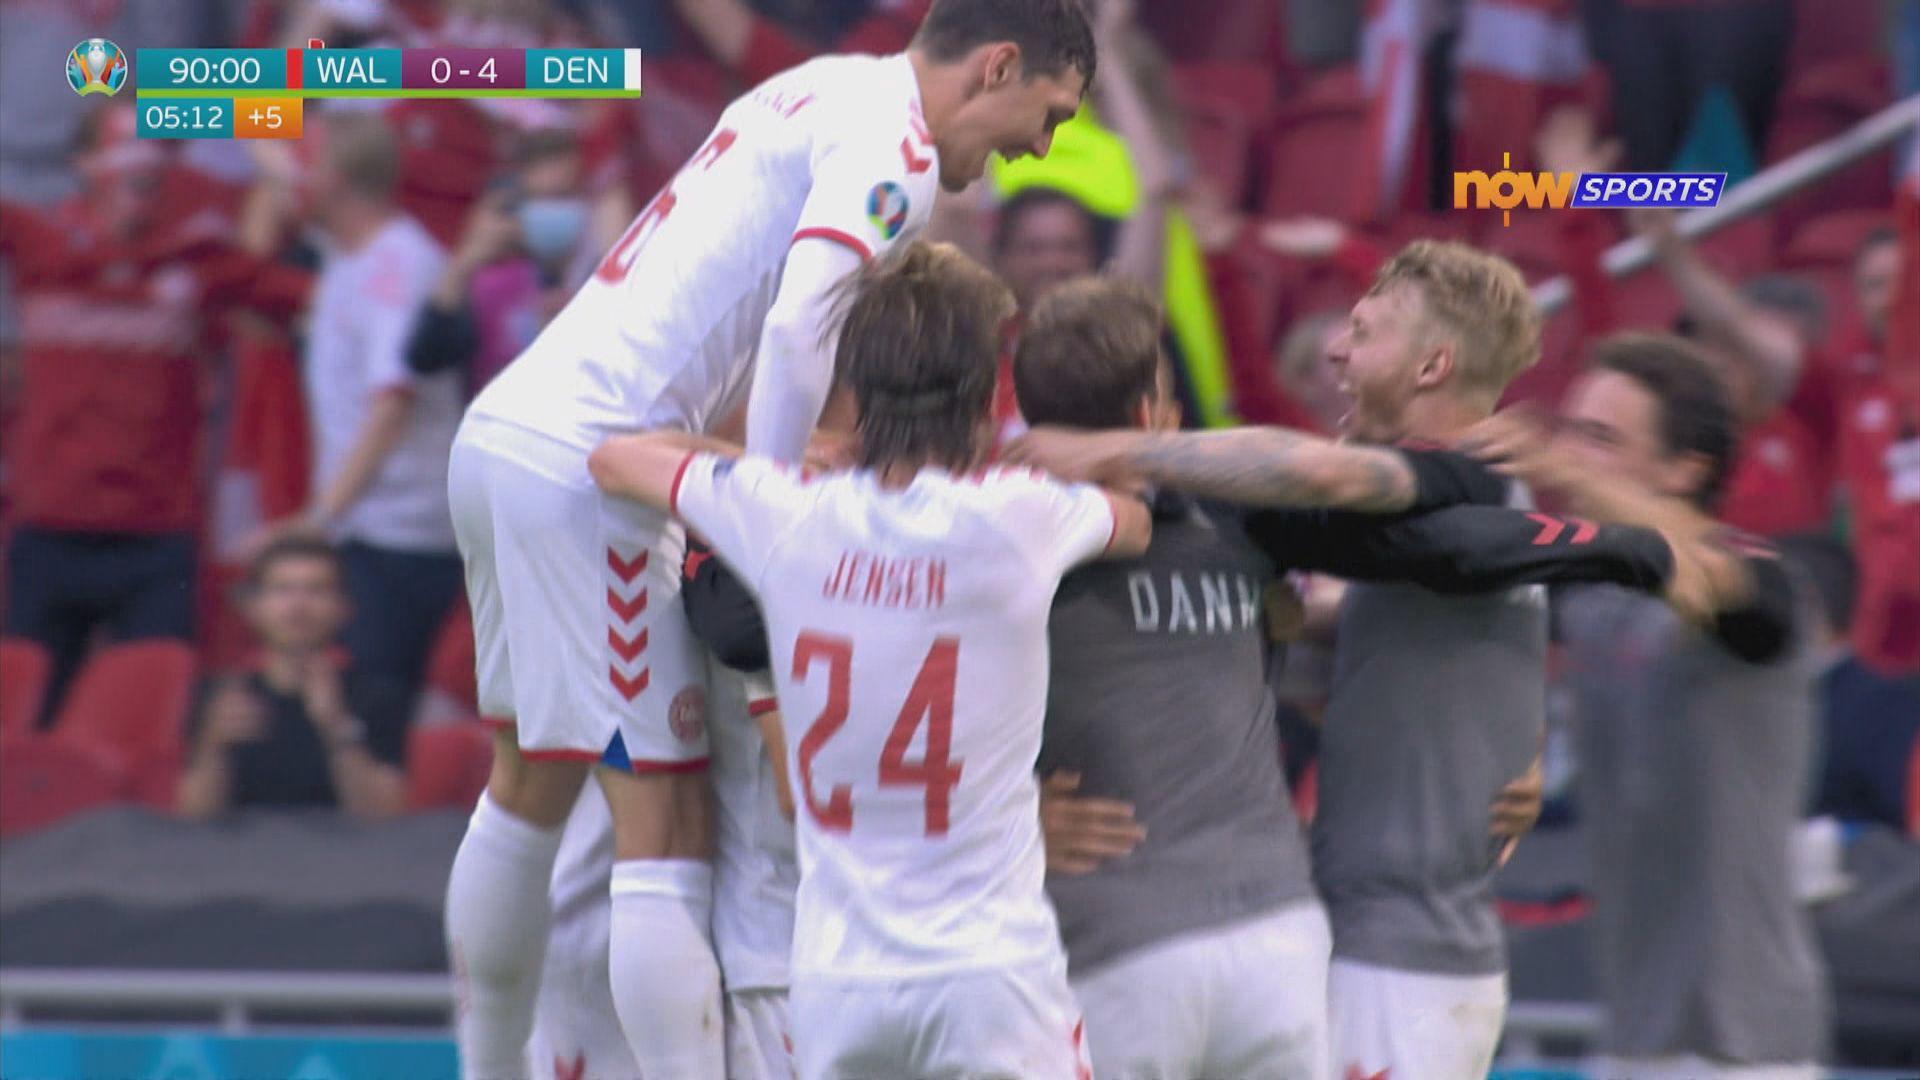 歐國盃16強 威爾士0:4丹麥